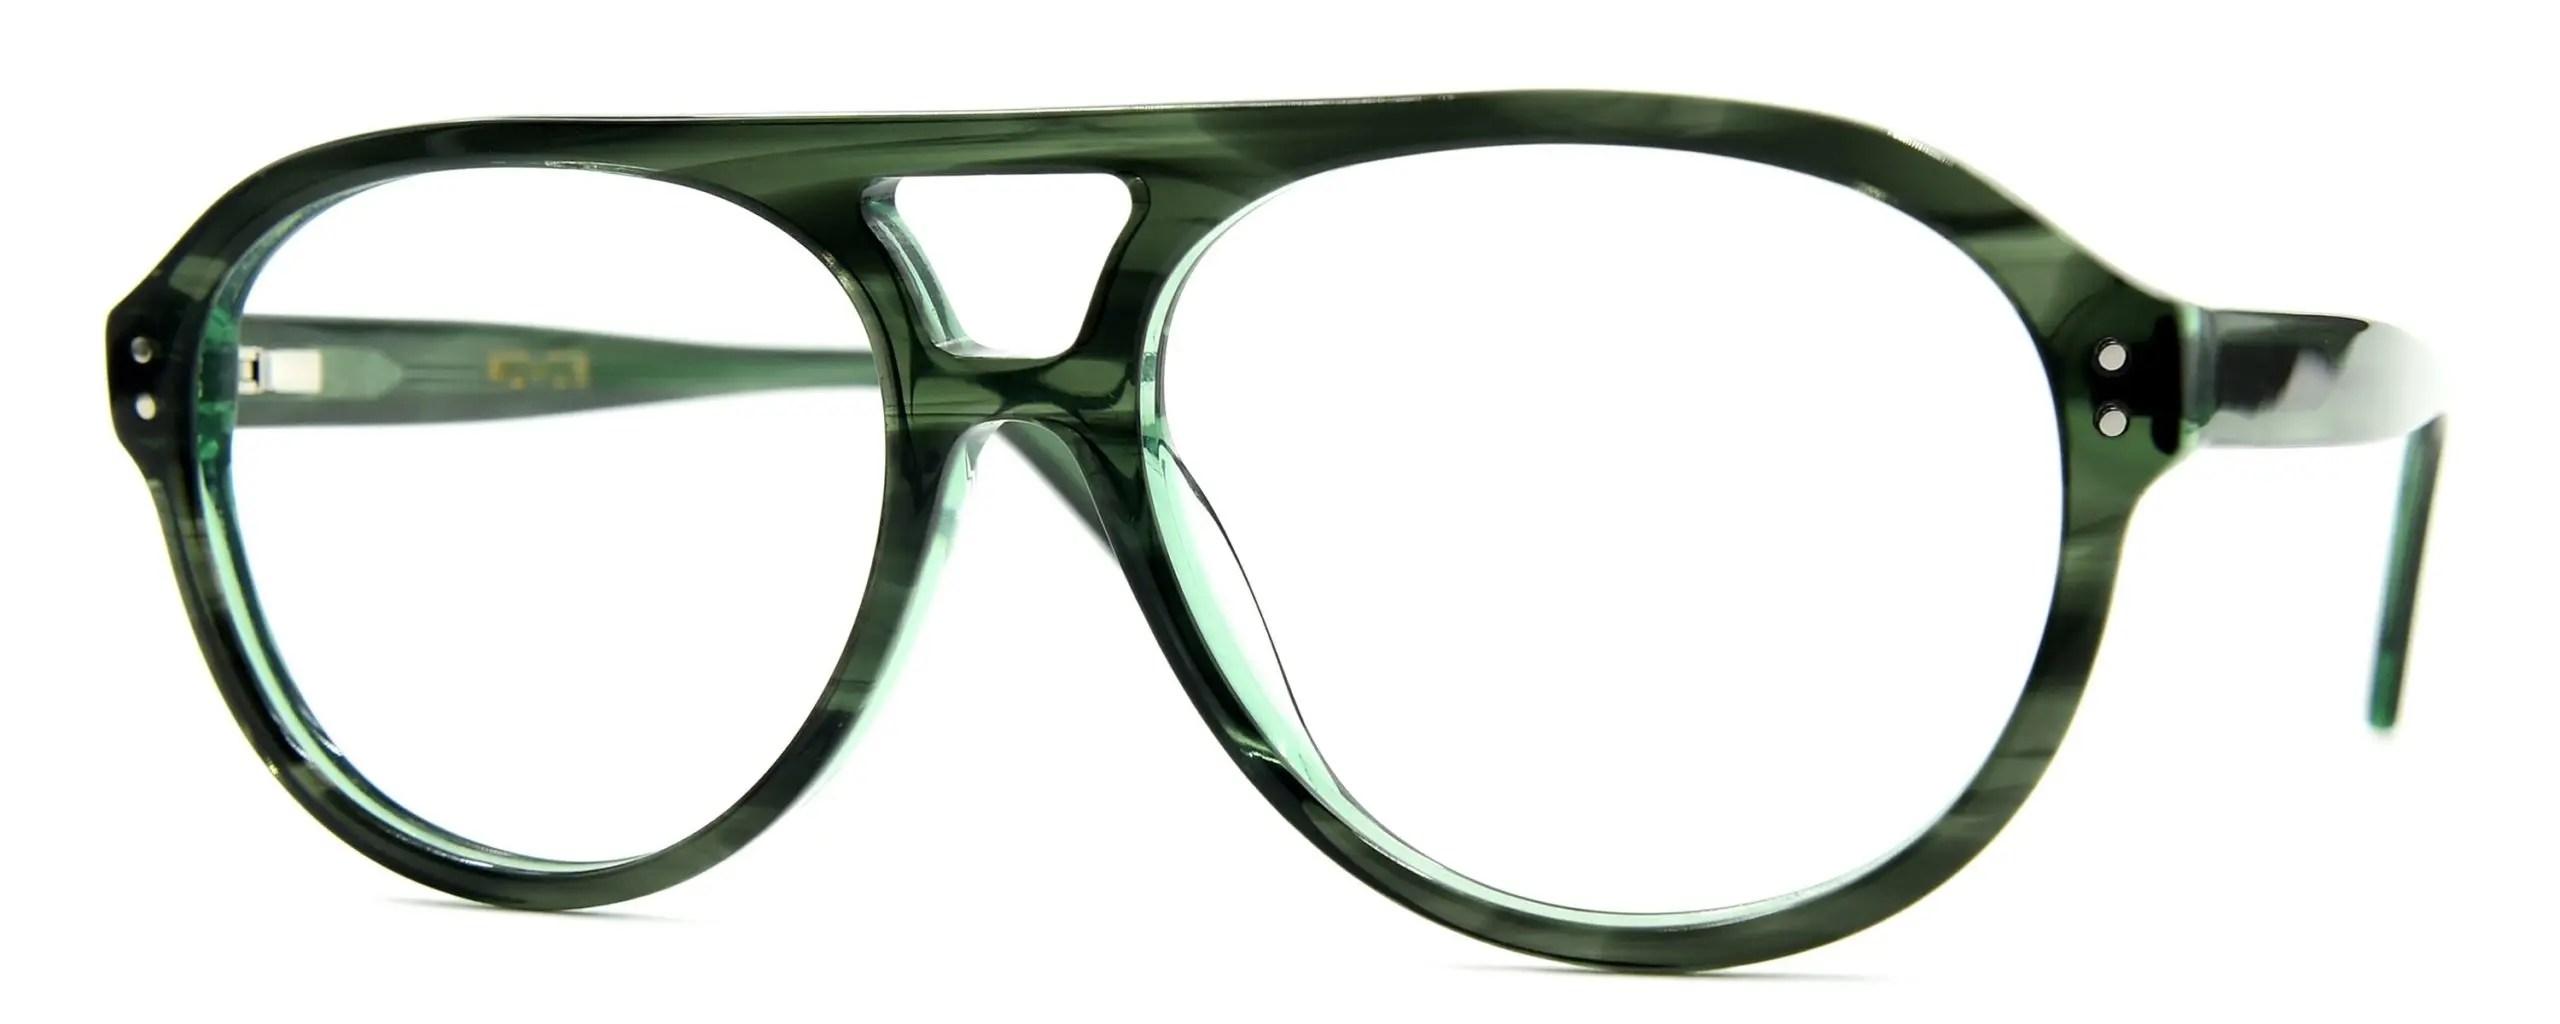 Sampson - Emerald Green - Angle